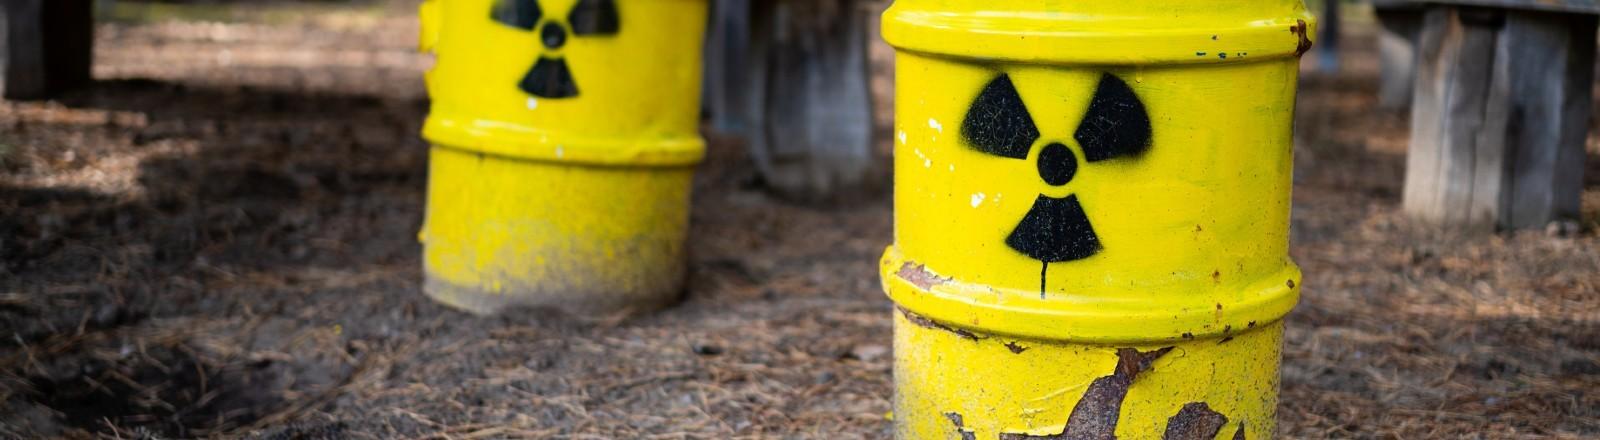 Symbolische Tonnen mit radioaktivem Atommüll